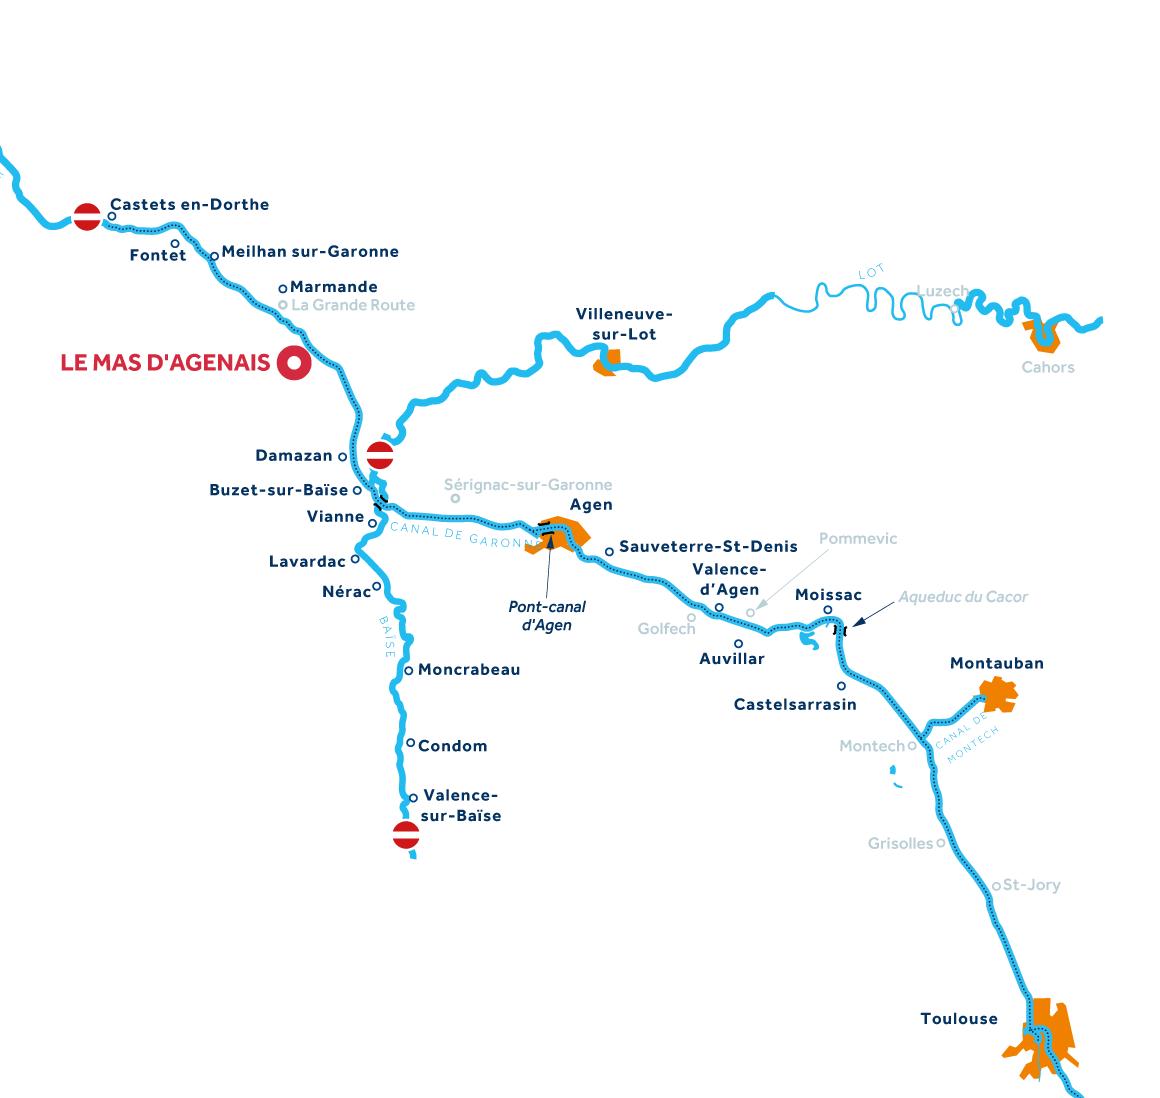 Kaart van de vaarregio: Aquitanië